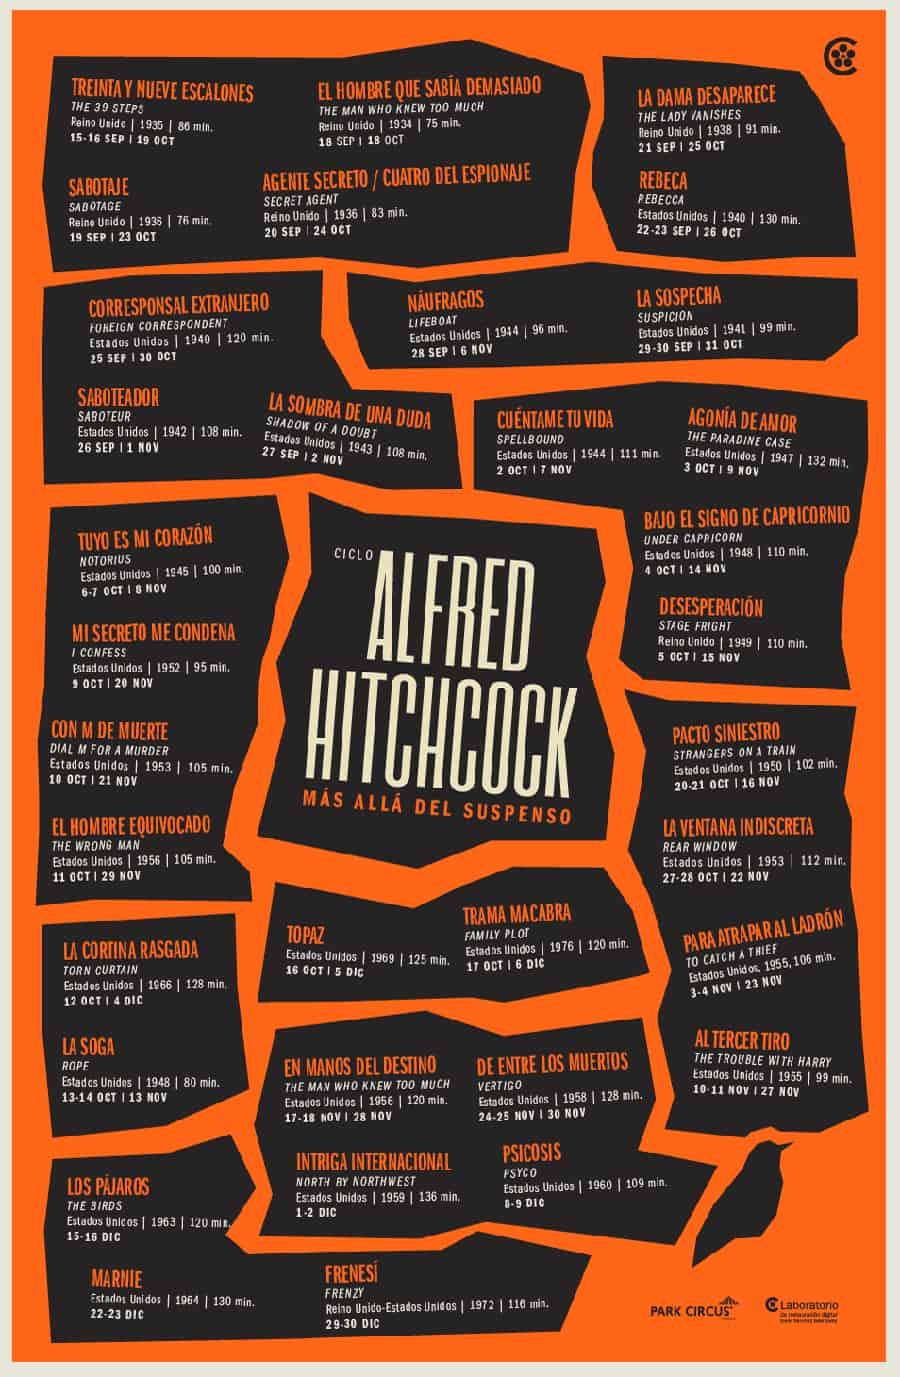 Hitchcock, más allá del suspenso. Cineteca Nacional